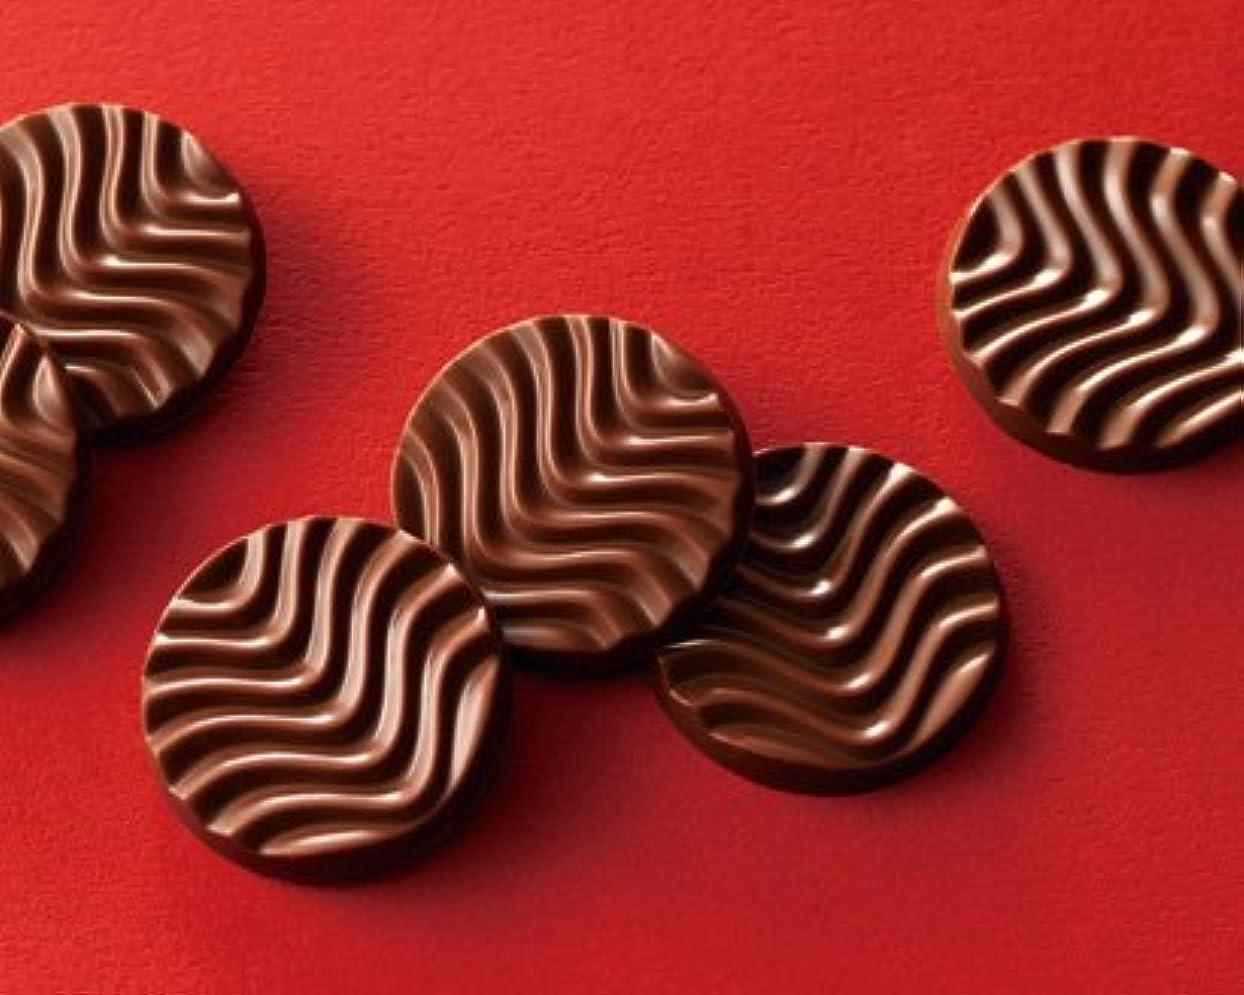 熟読真向こう大洪水【ROYCE'】ロイズ北海道銘菓 ピュアチョコレート ミルク 20枚 100g 1箱